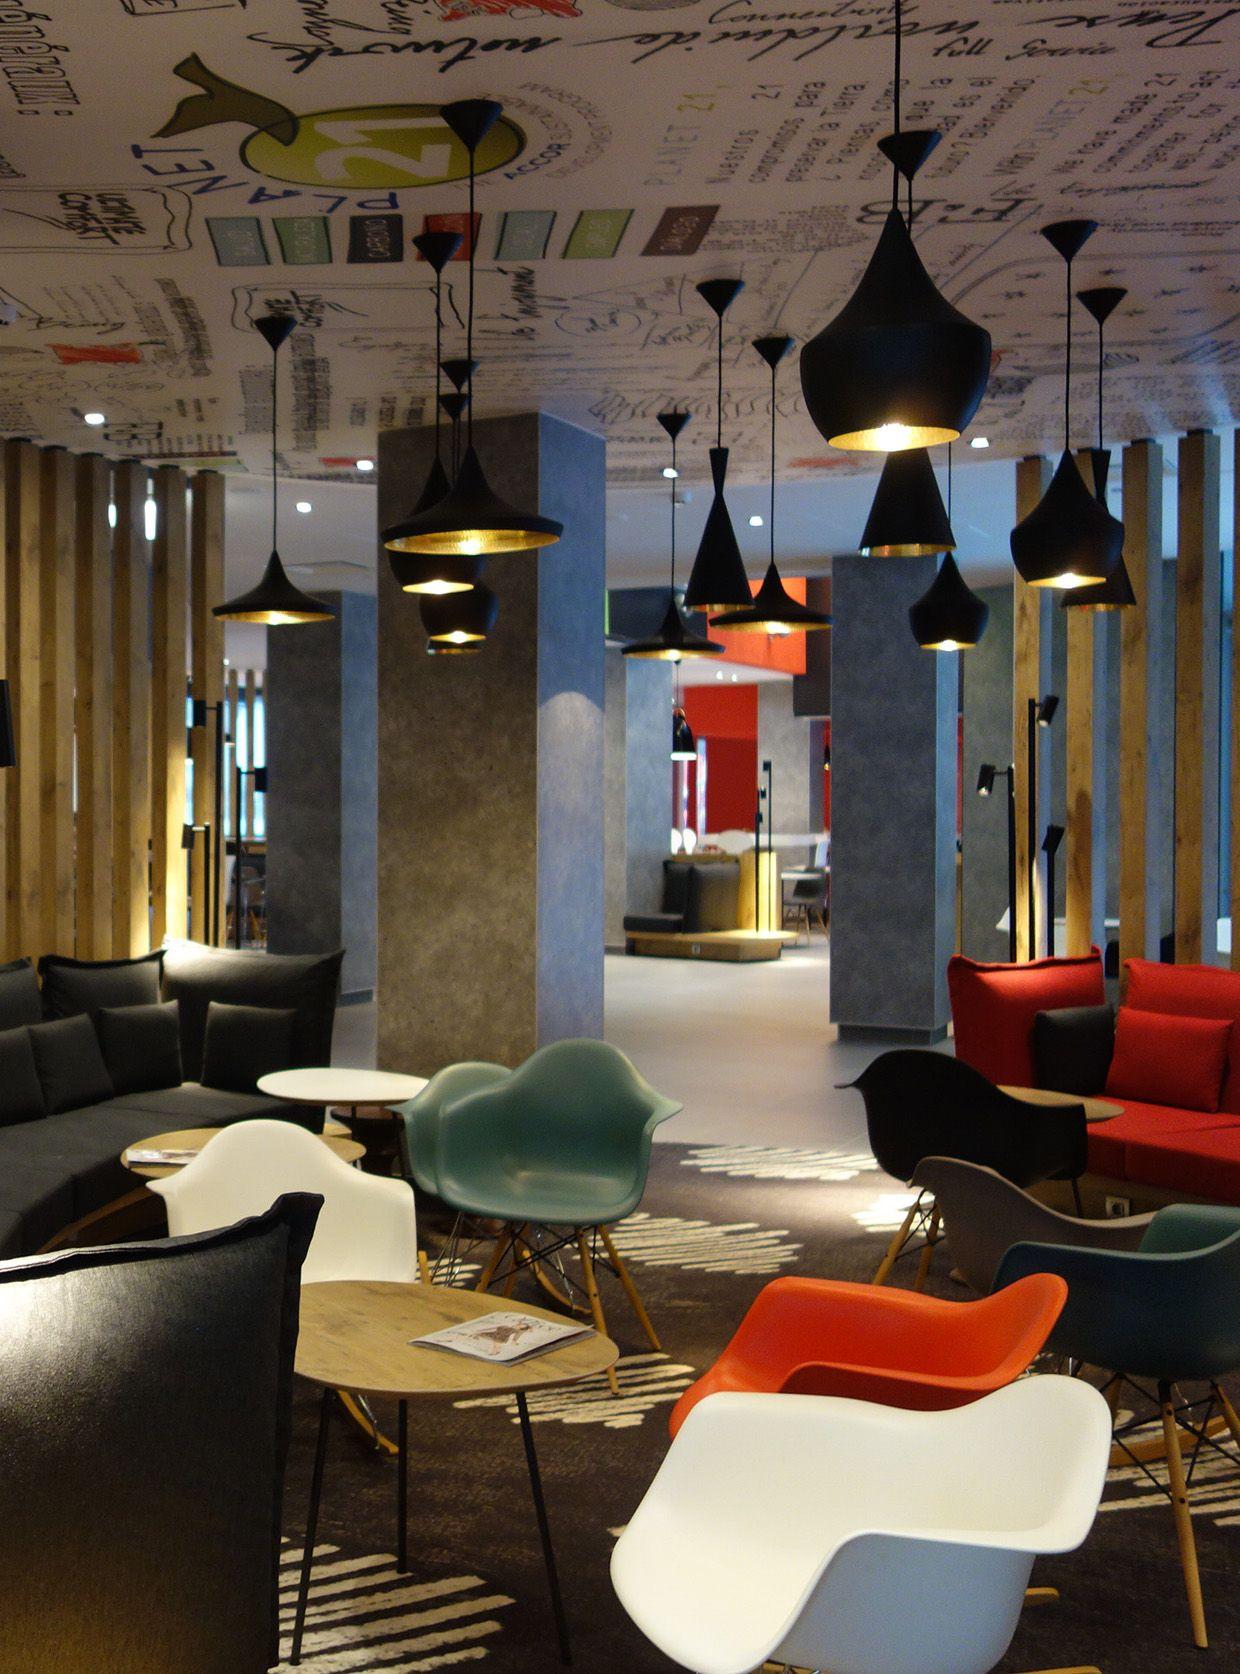 Lobby Ibis Hotel Moscow Kievskaya Design by